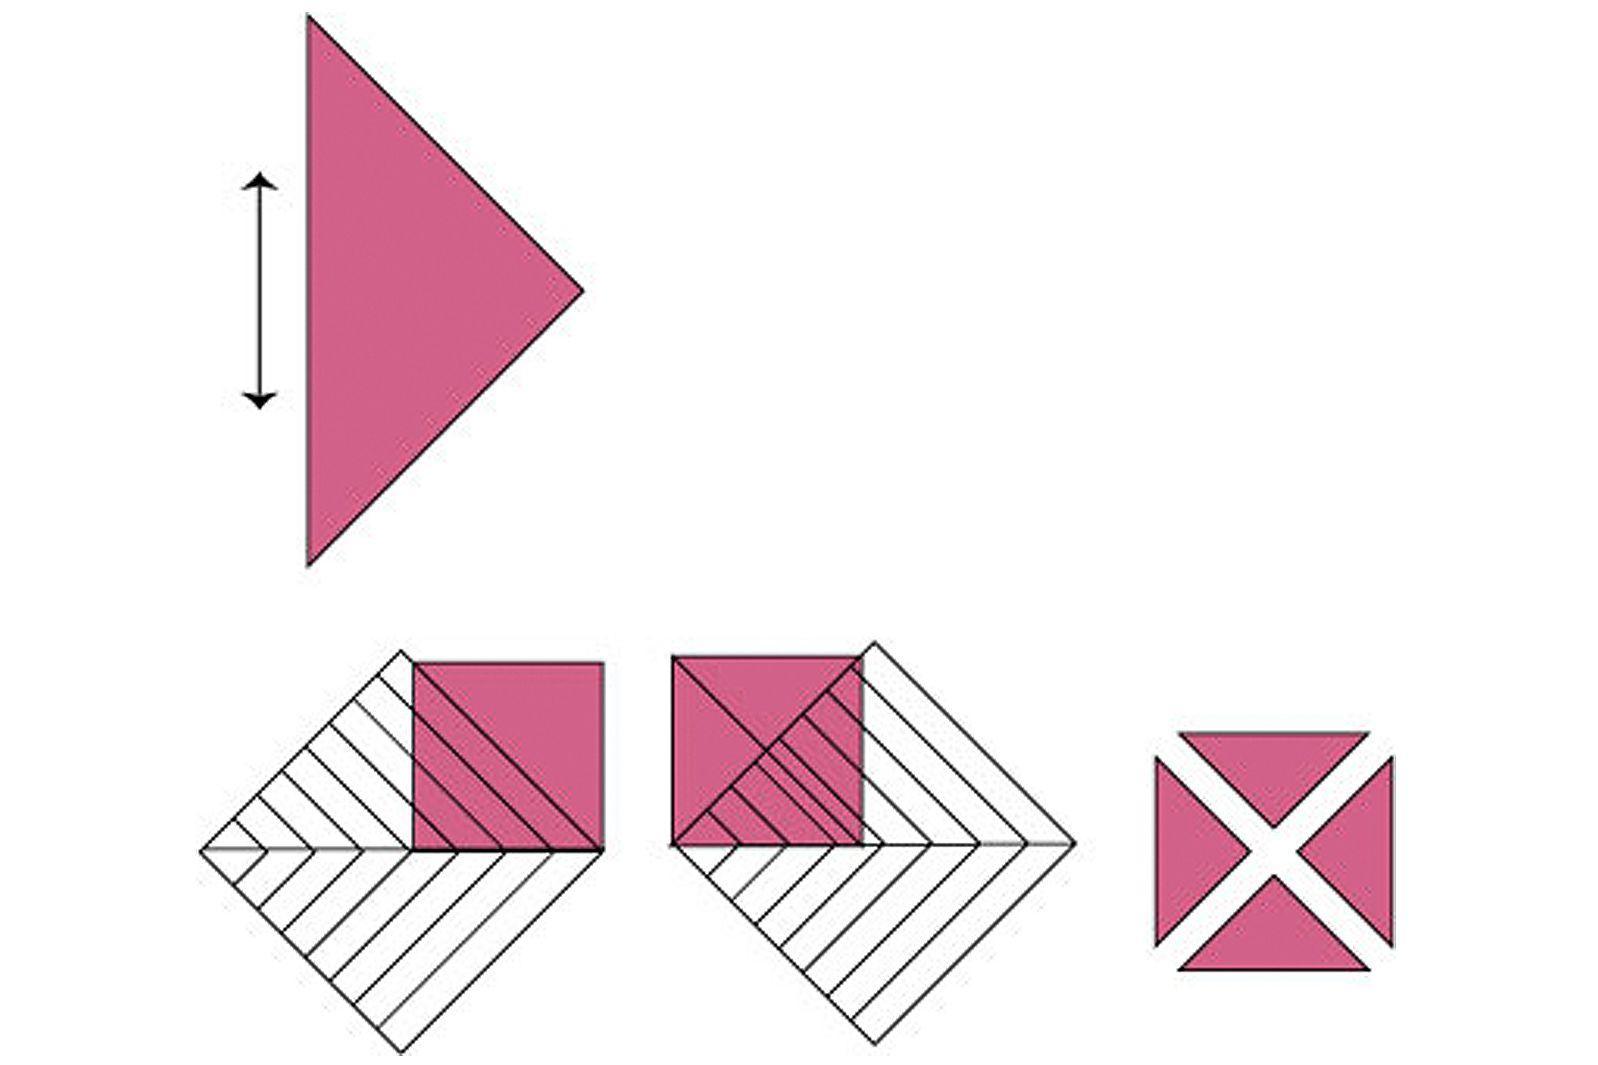 A diagram explaining how to rotary cut quarter square triangles